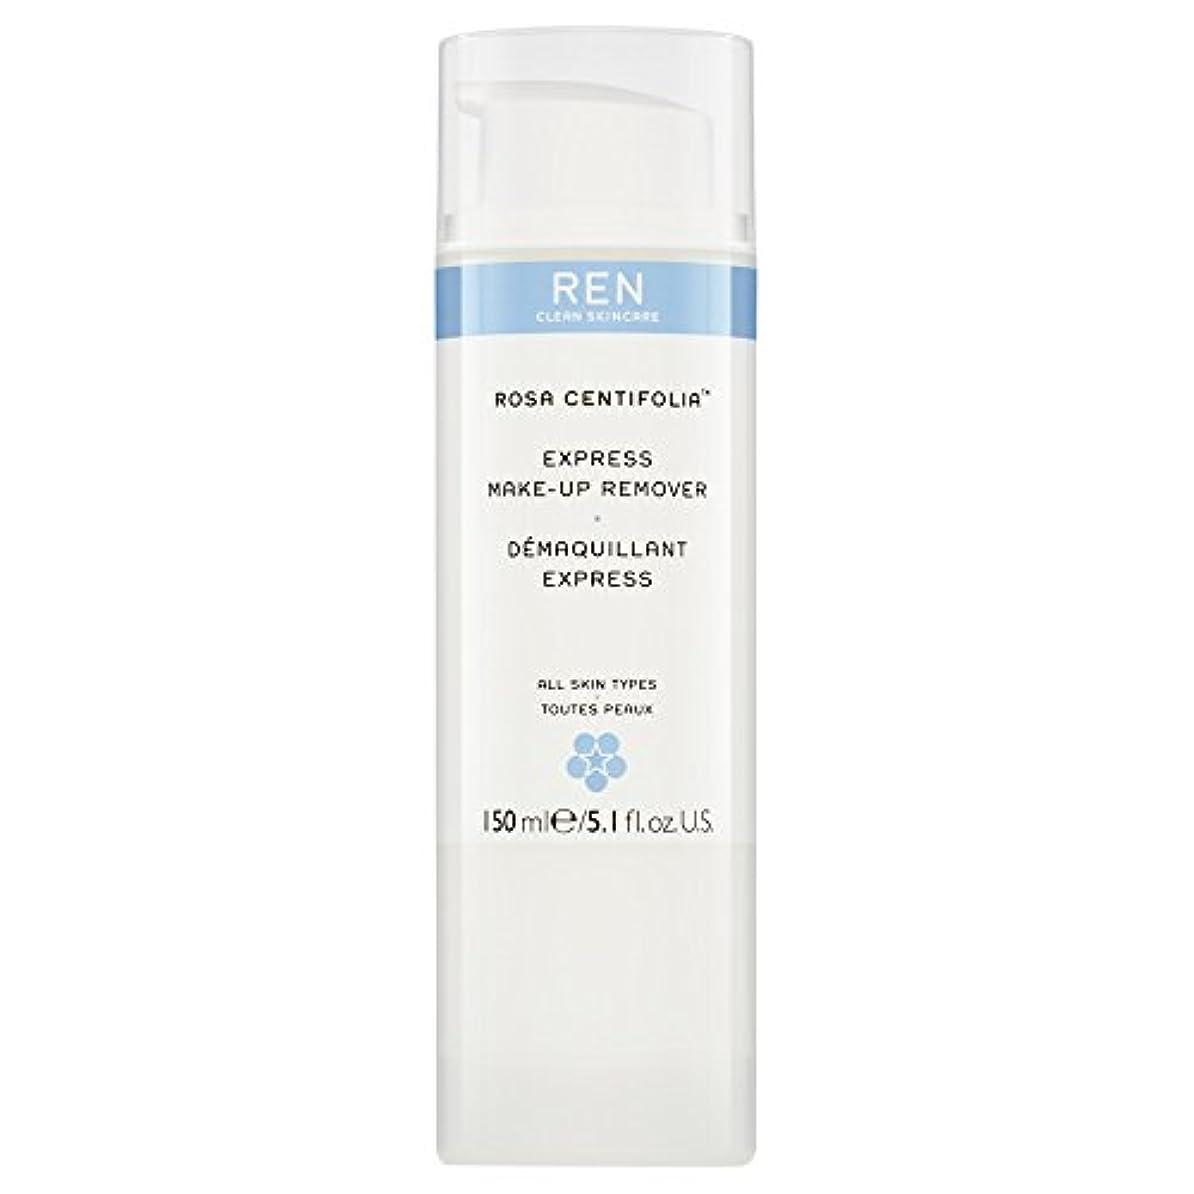 加速度機知に富んだ手荷物Renローザセンチフォリアバラメイクアップリムーバー150ミリリットル (REN) - REN Rosa Centifolia Makeup Remover 150ml [並行輸入品]